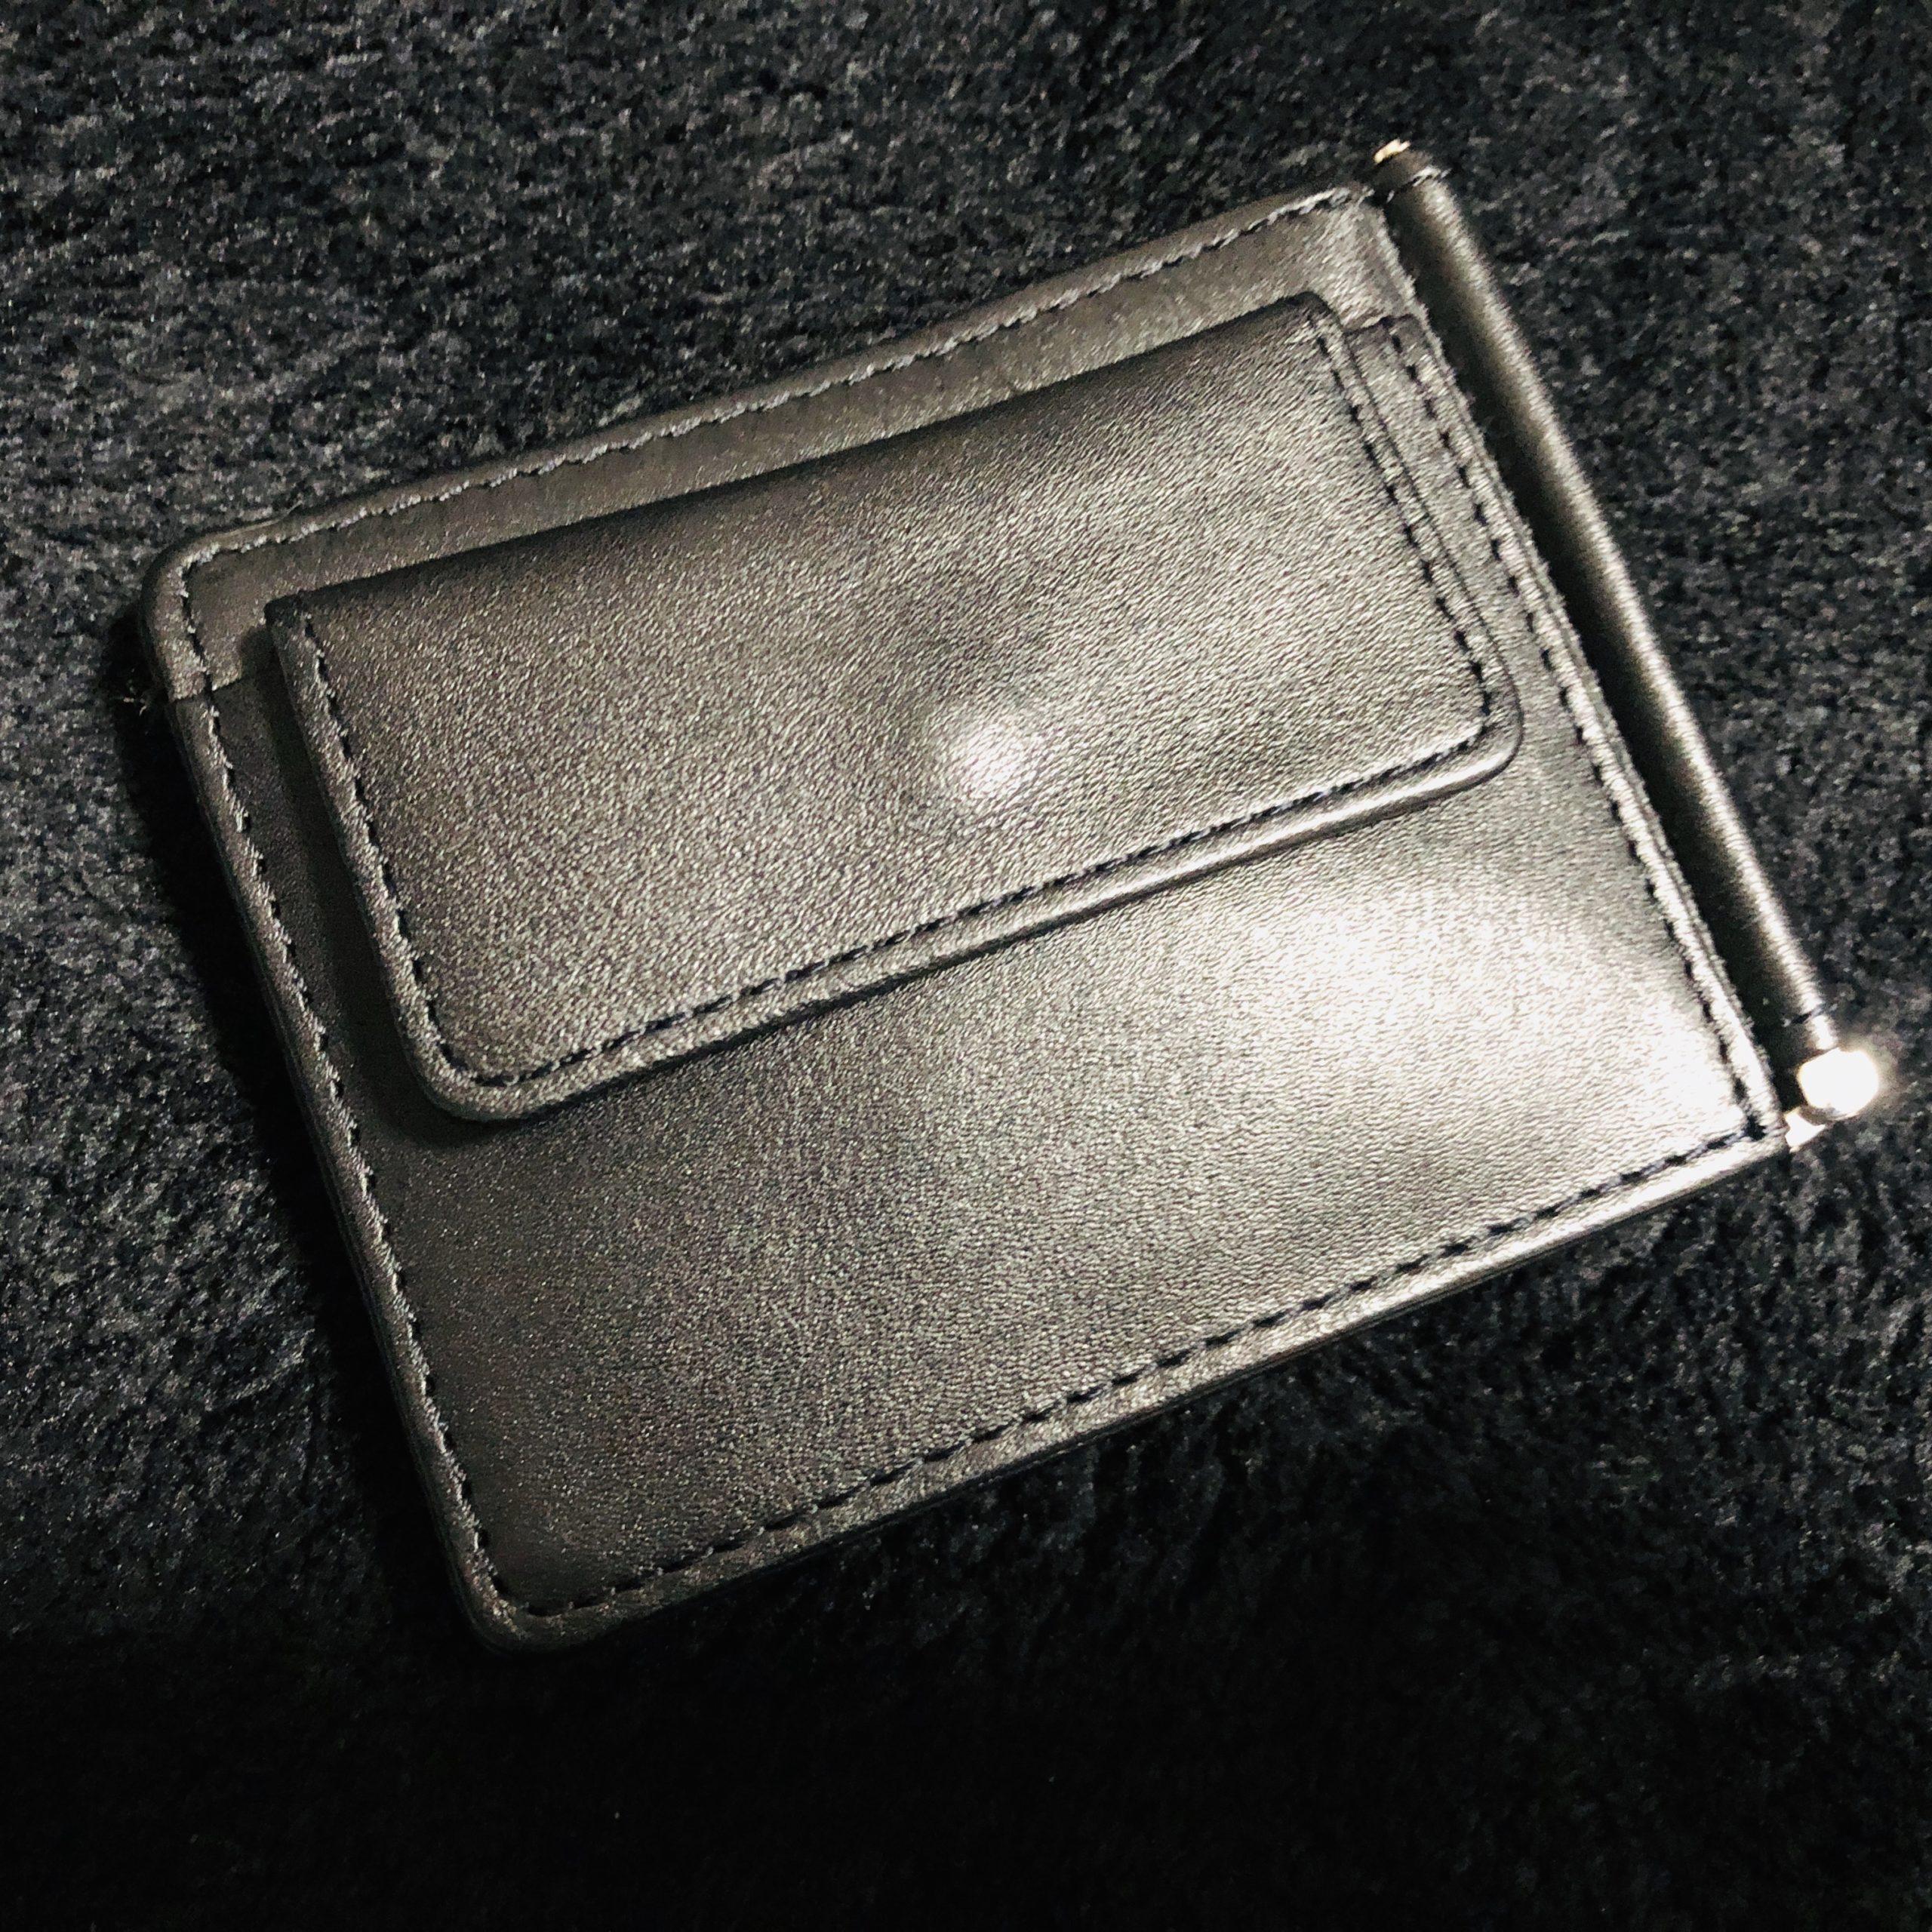 財布レビュー画像